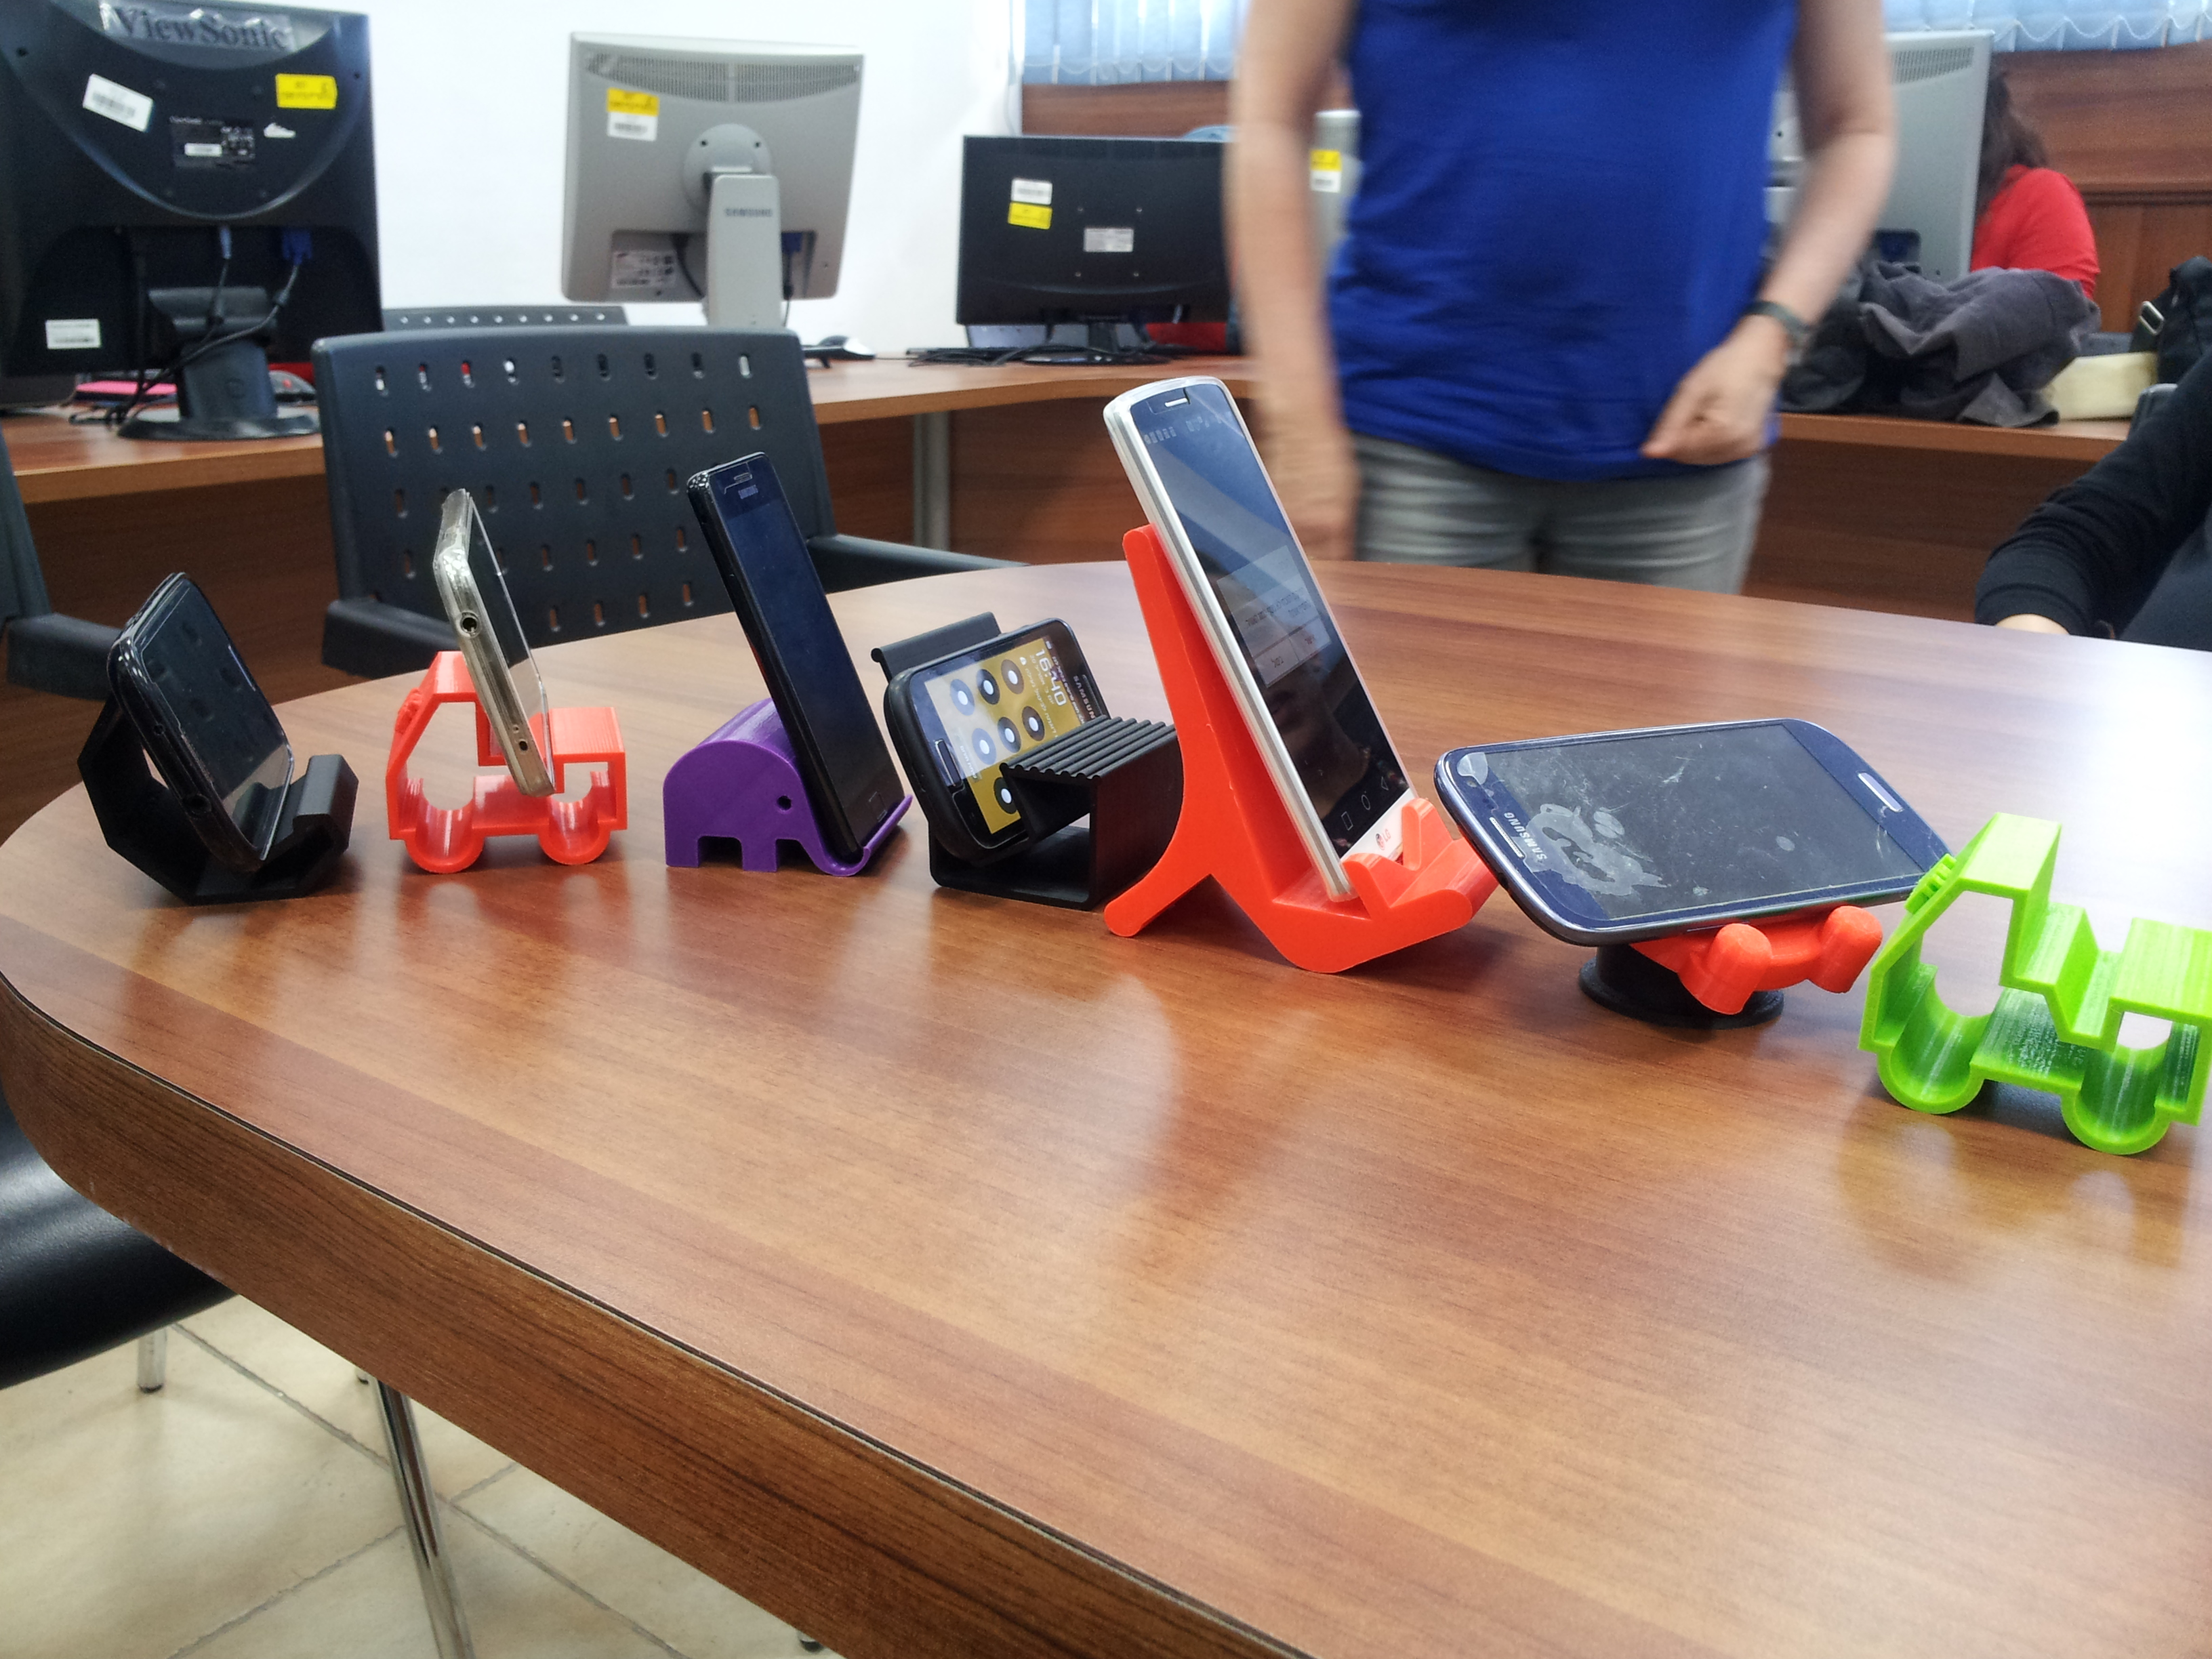 סטנדים לטלפונים בהדפסה תלת מימדית